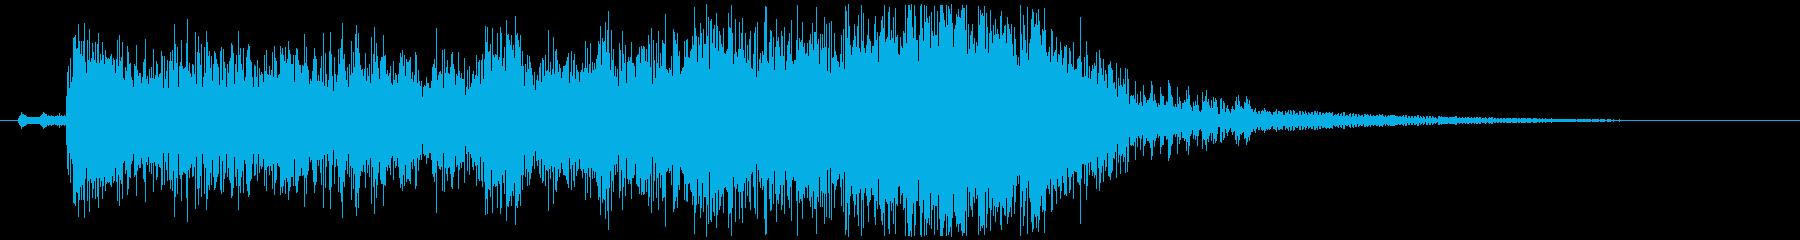 発表、登場、クイズなどのパワージングル!の再生済みの波形